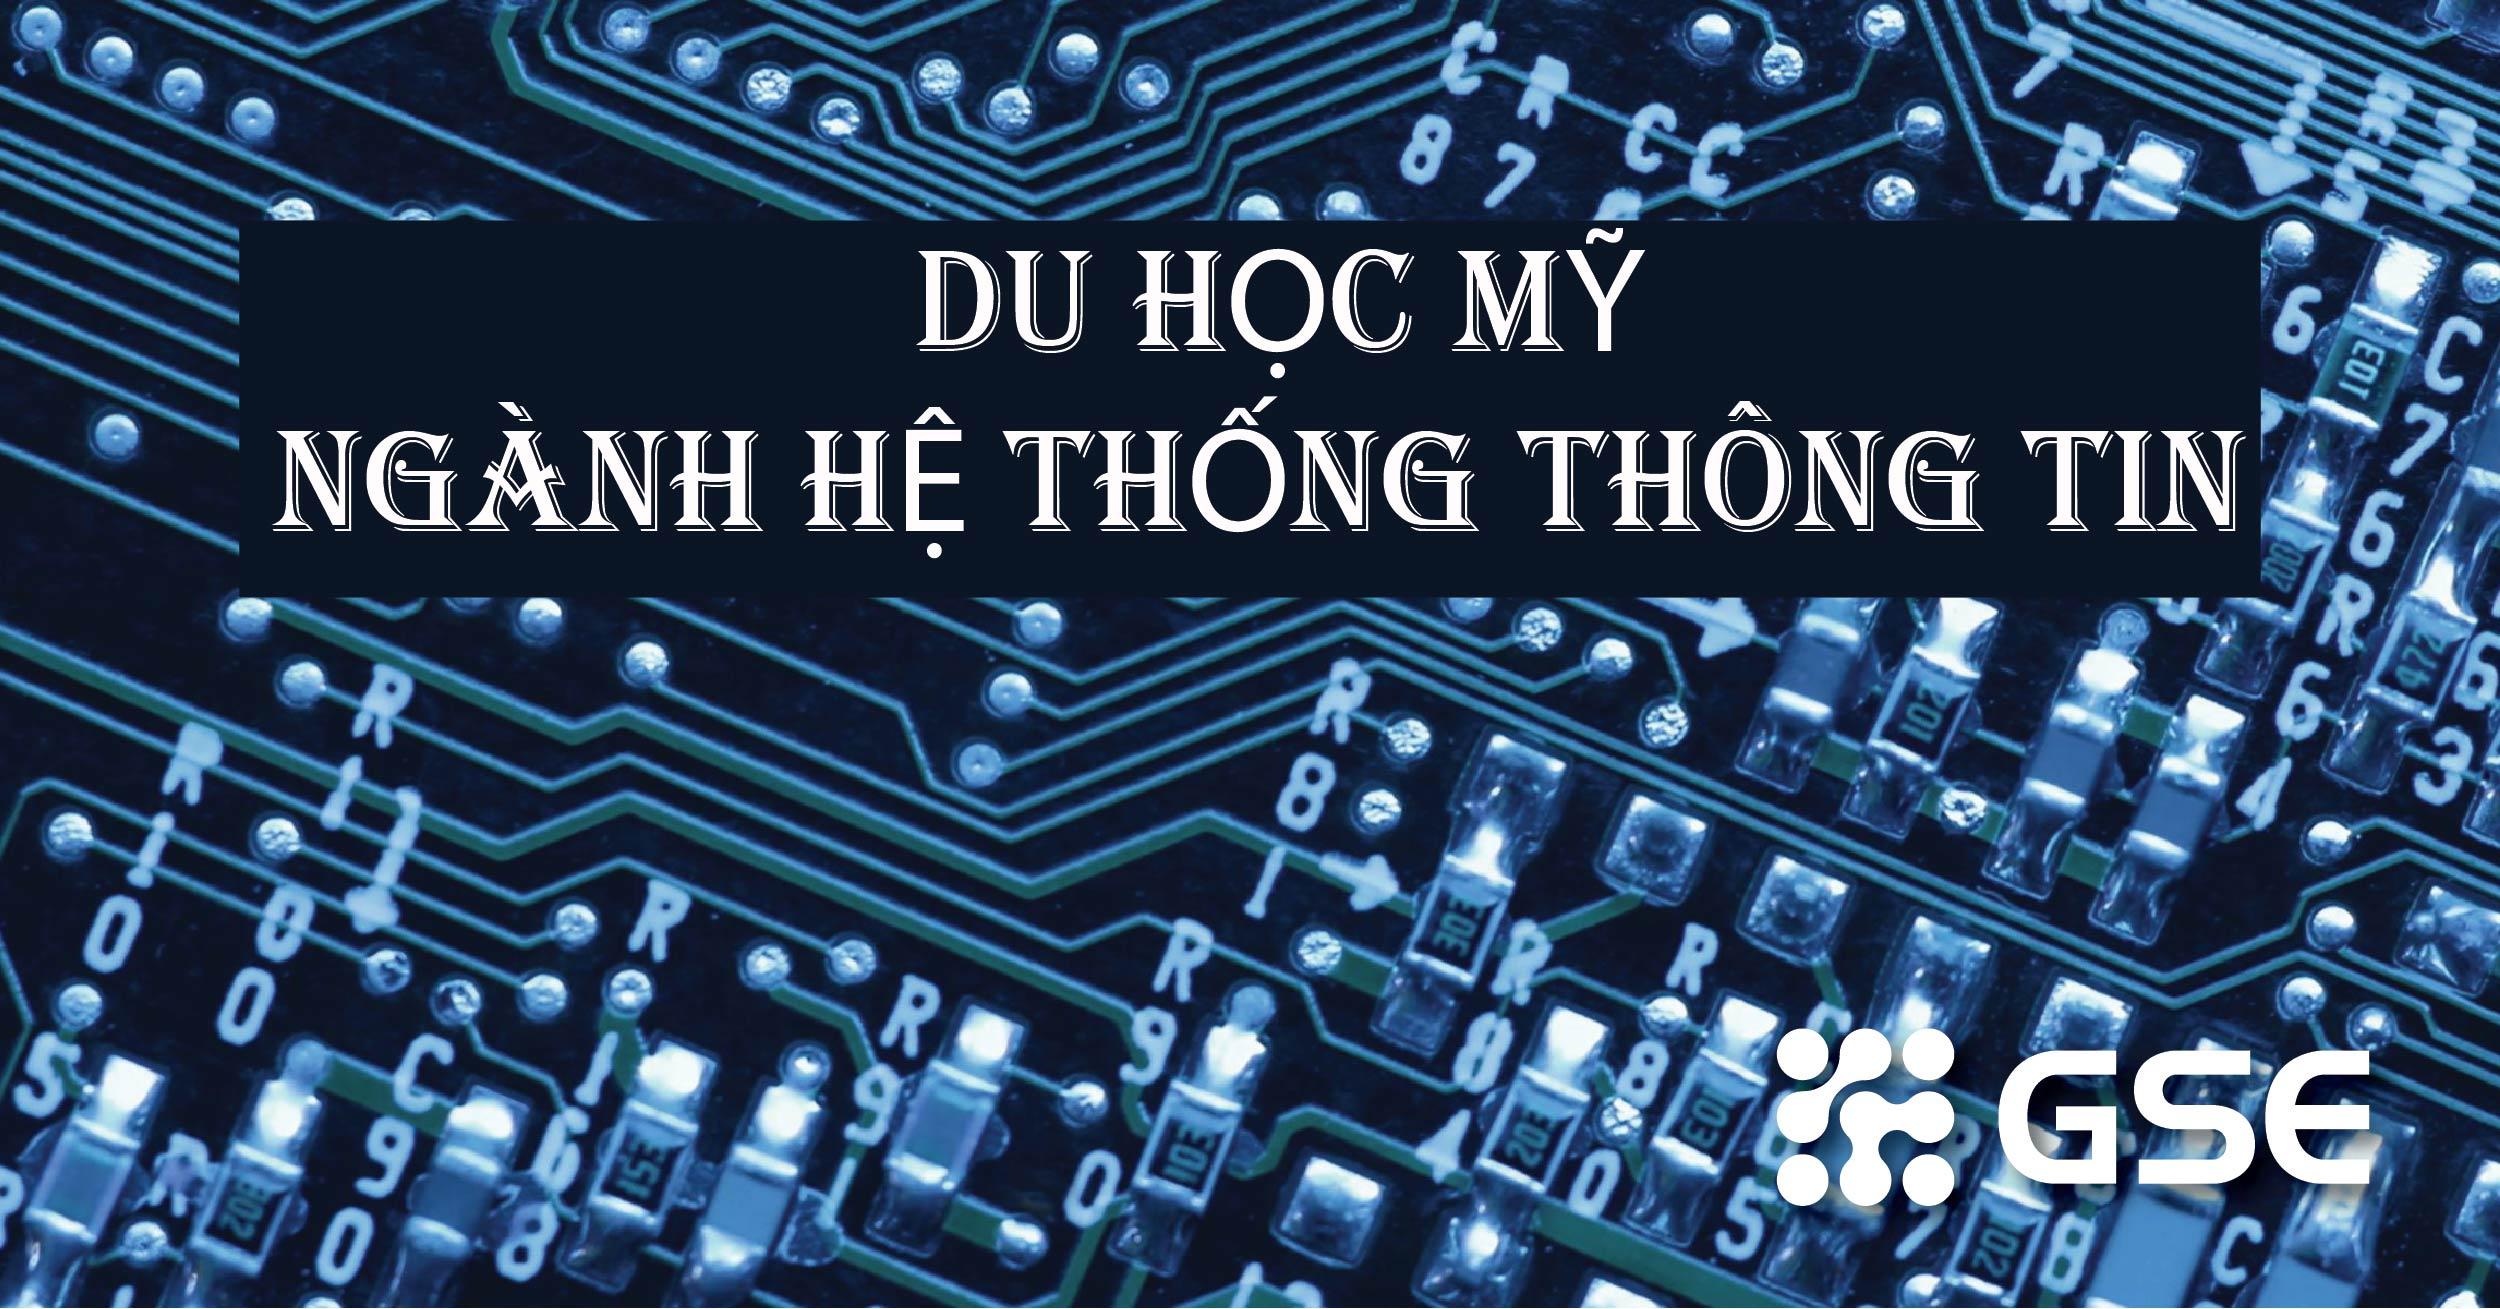 Du Hoc My Nganh Thong Tin 04